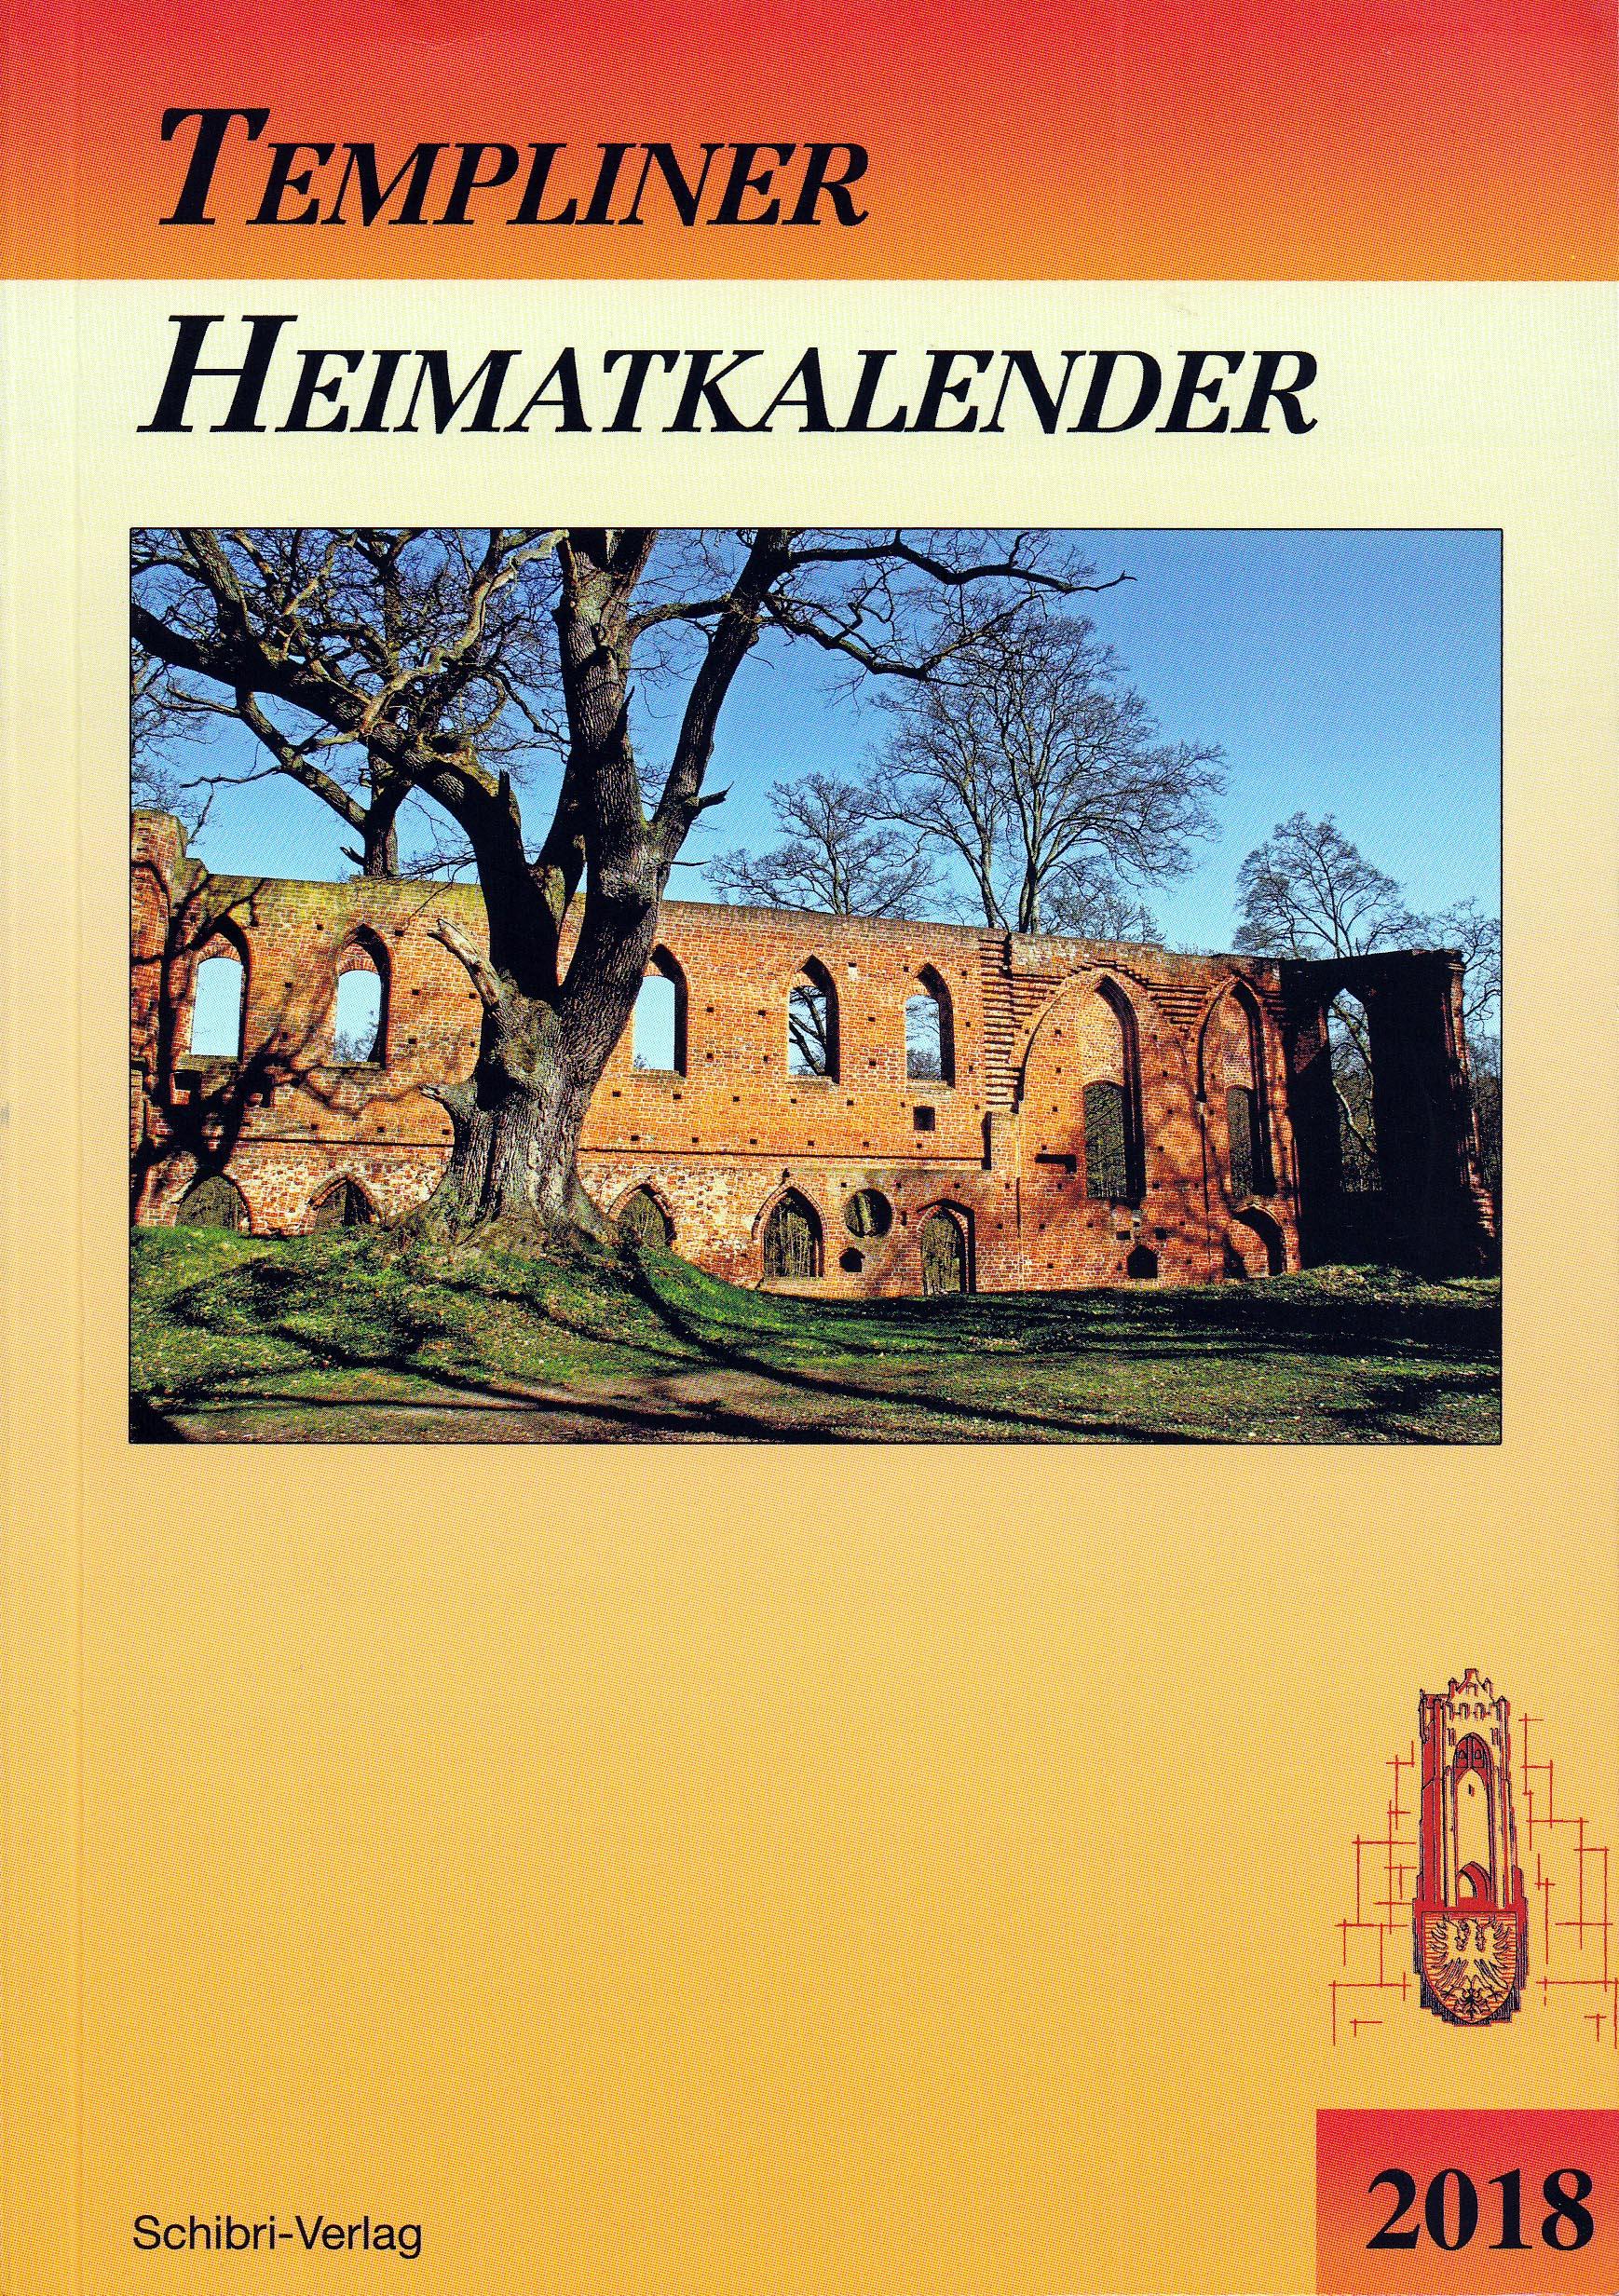 Templiner Heimatkalender 2018. (2017)